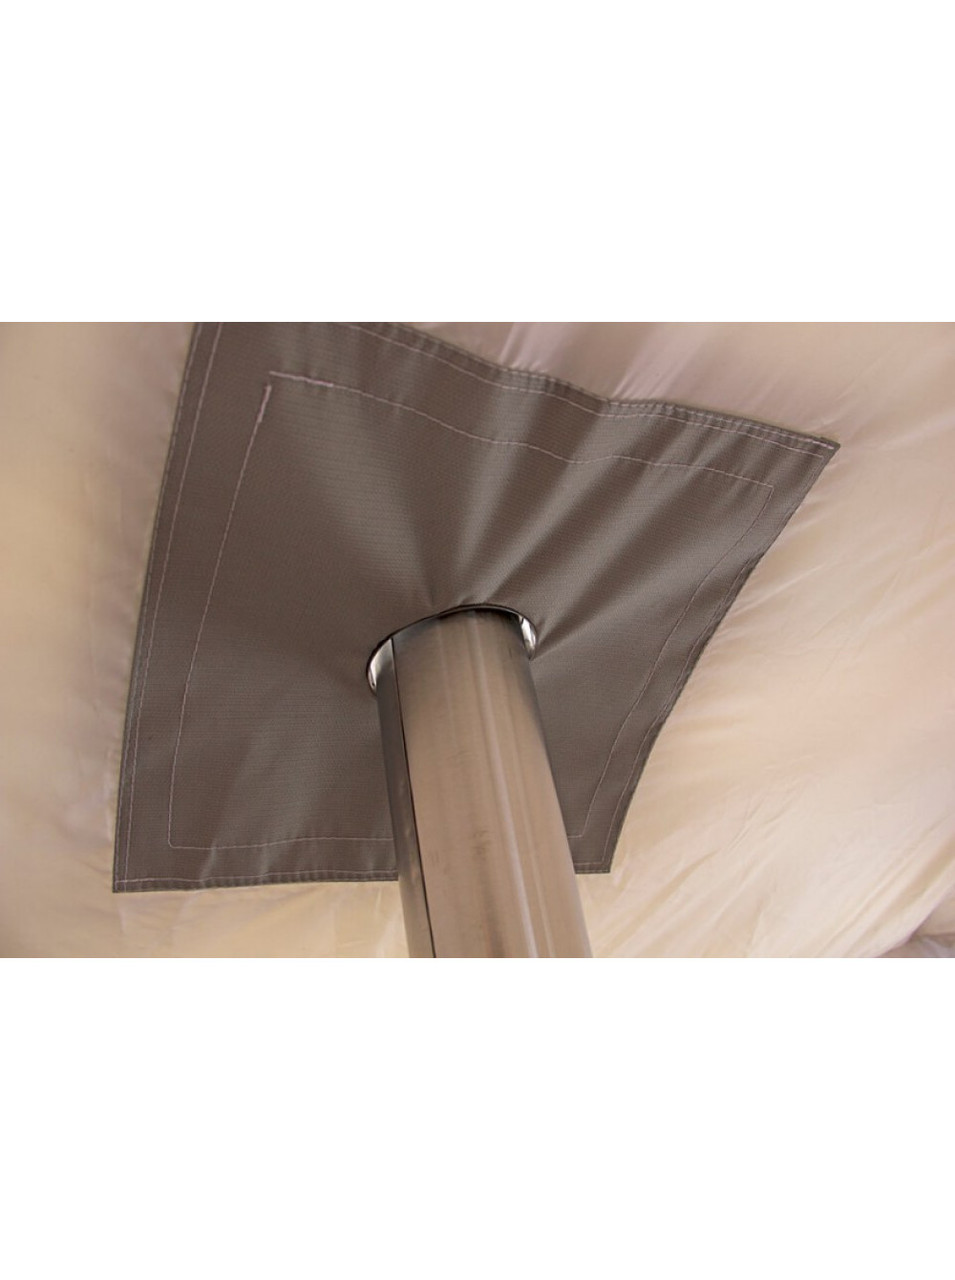 Палатка всесезонная Берег КУБ 2.20 двухслойная, непромокаемый пол из ПВХ размер 2,2 х 2,2 х 1,9 м. - фото 5